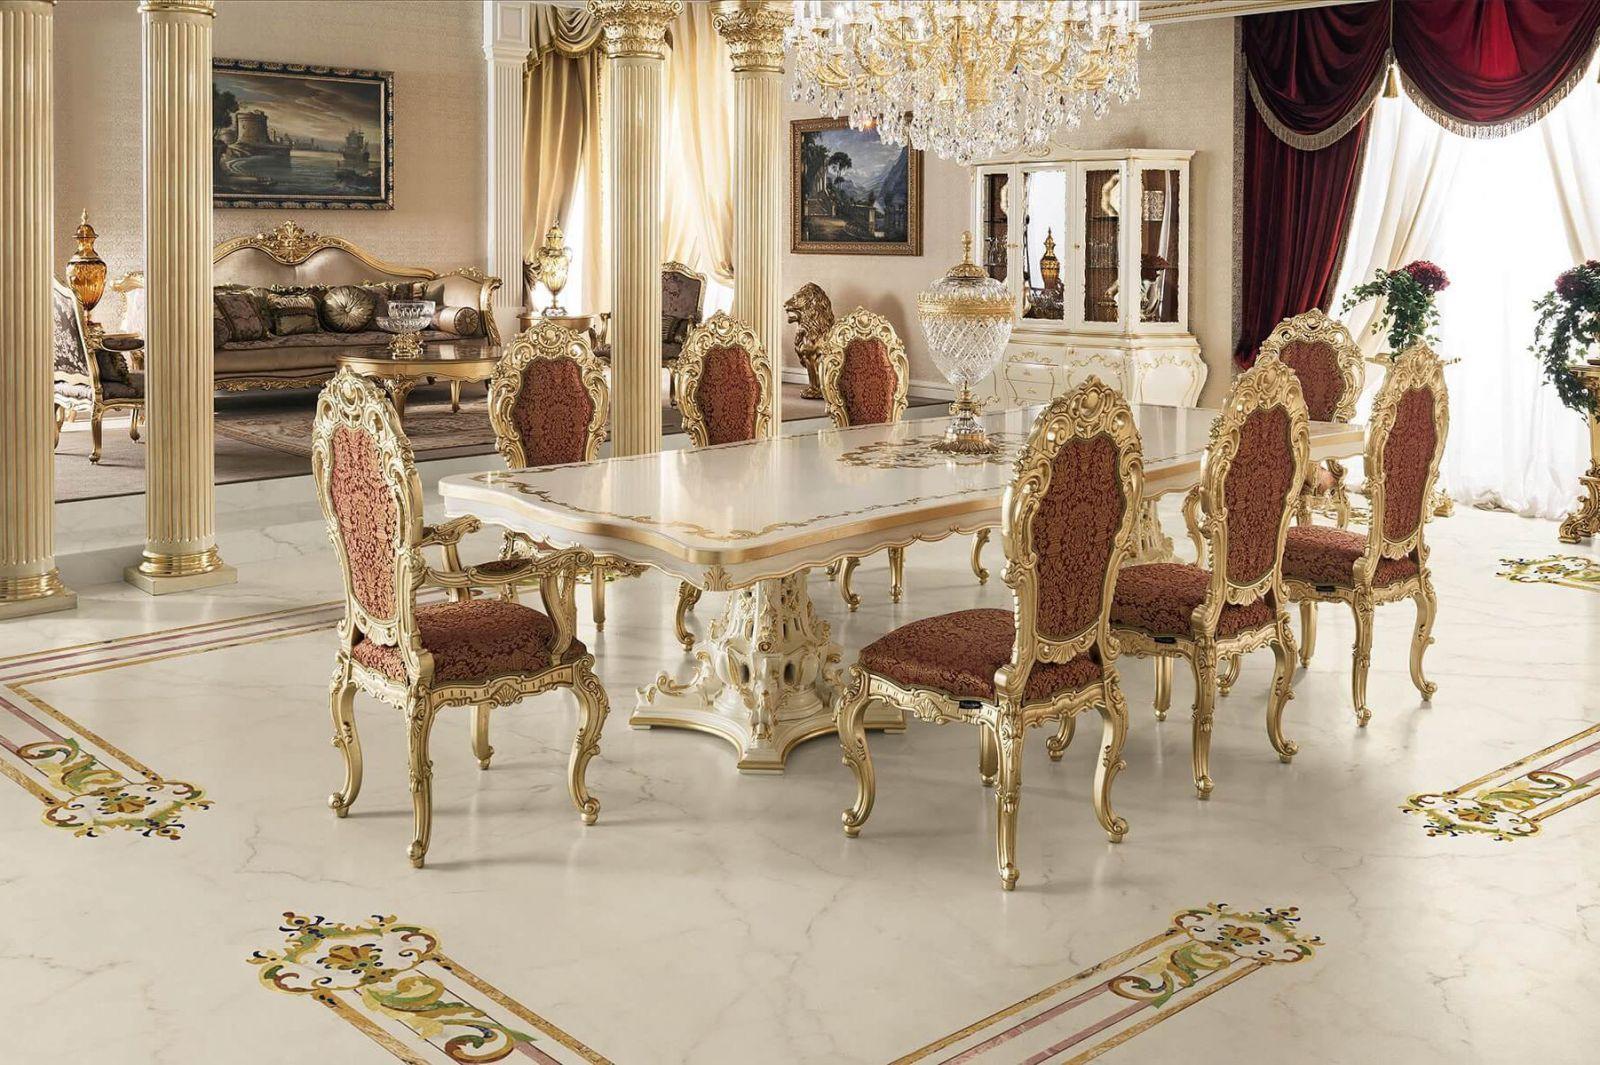 Tận dụng tối đa nguồn ánh sáng tự nhiên cho phòng khách cổ điển